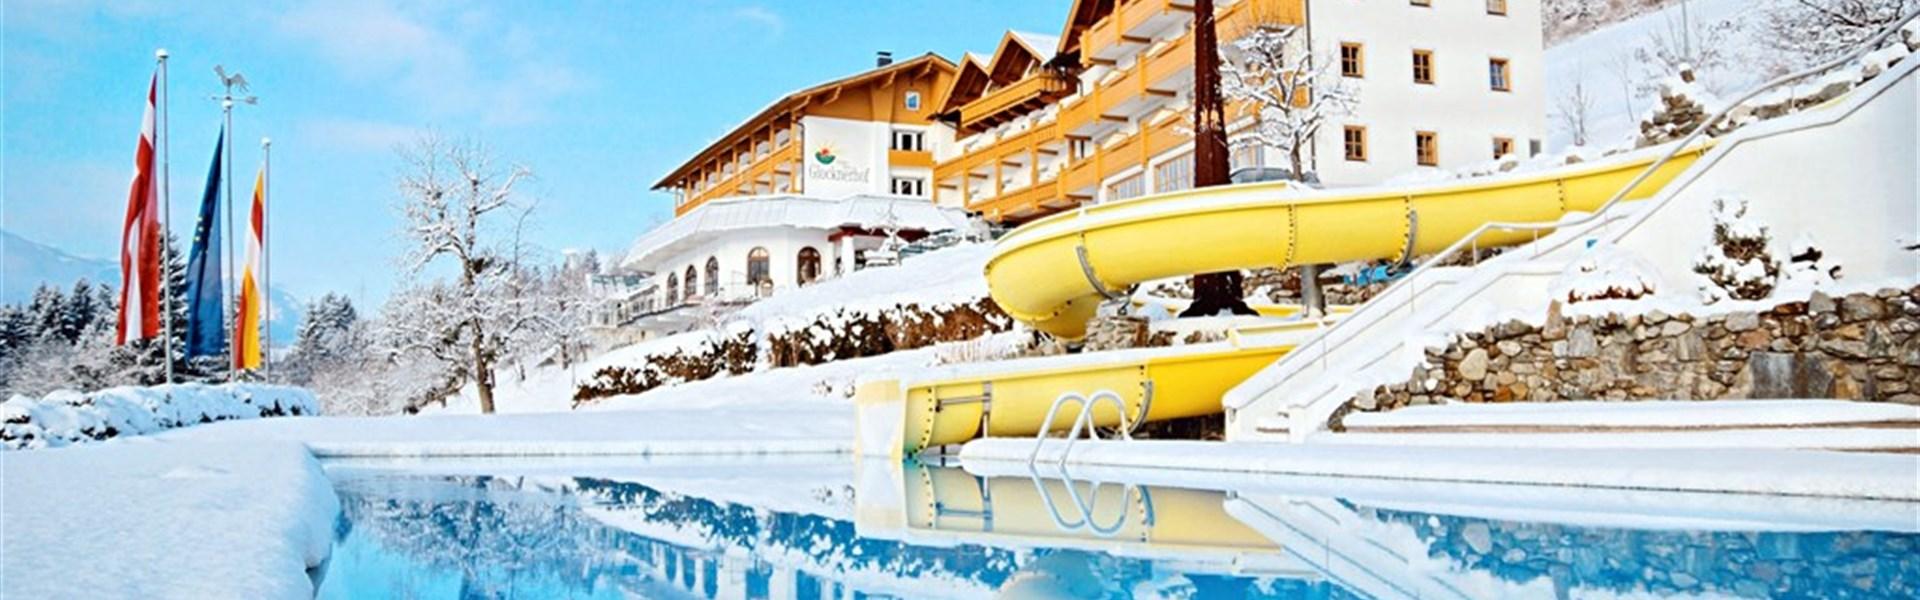 Ferienhotel Glocknerhof W21 -